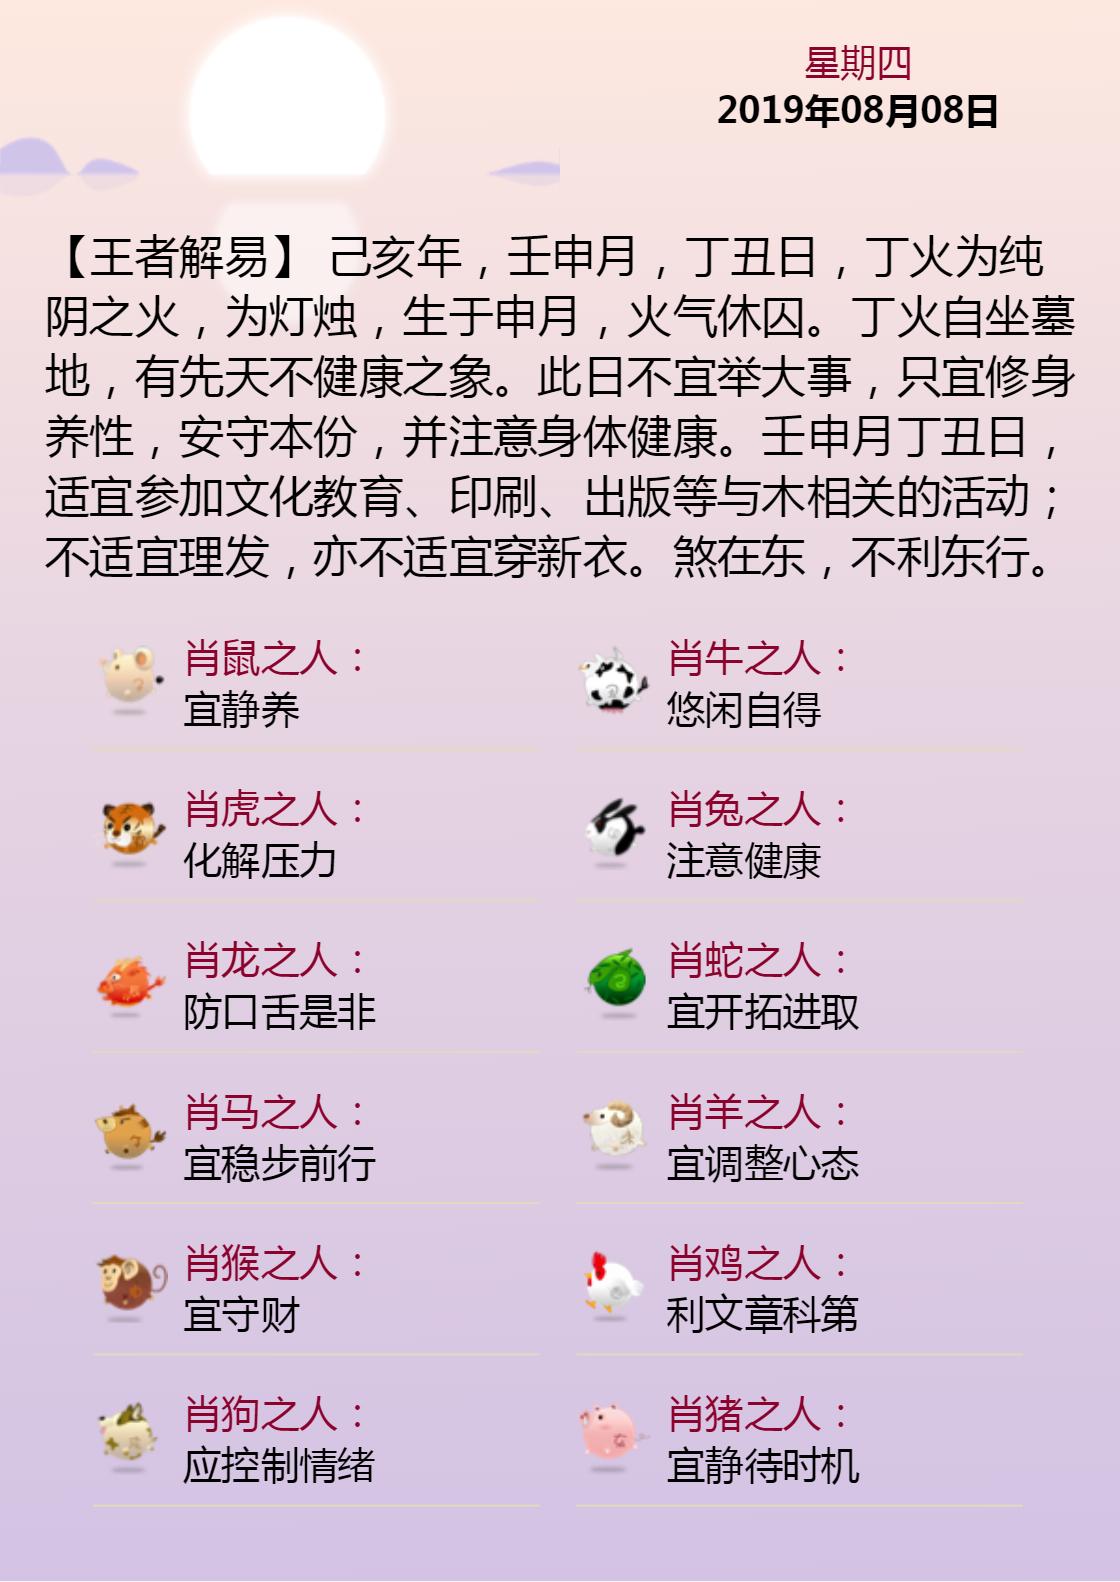 黄历海报20190808.png